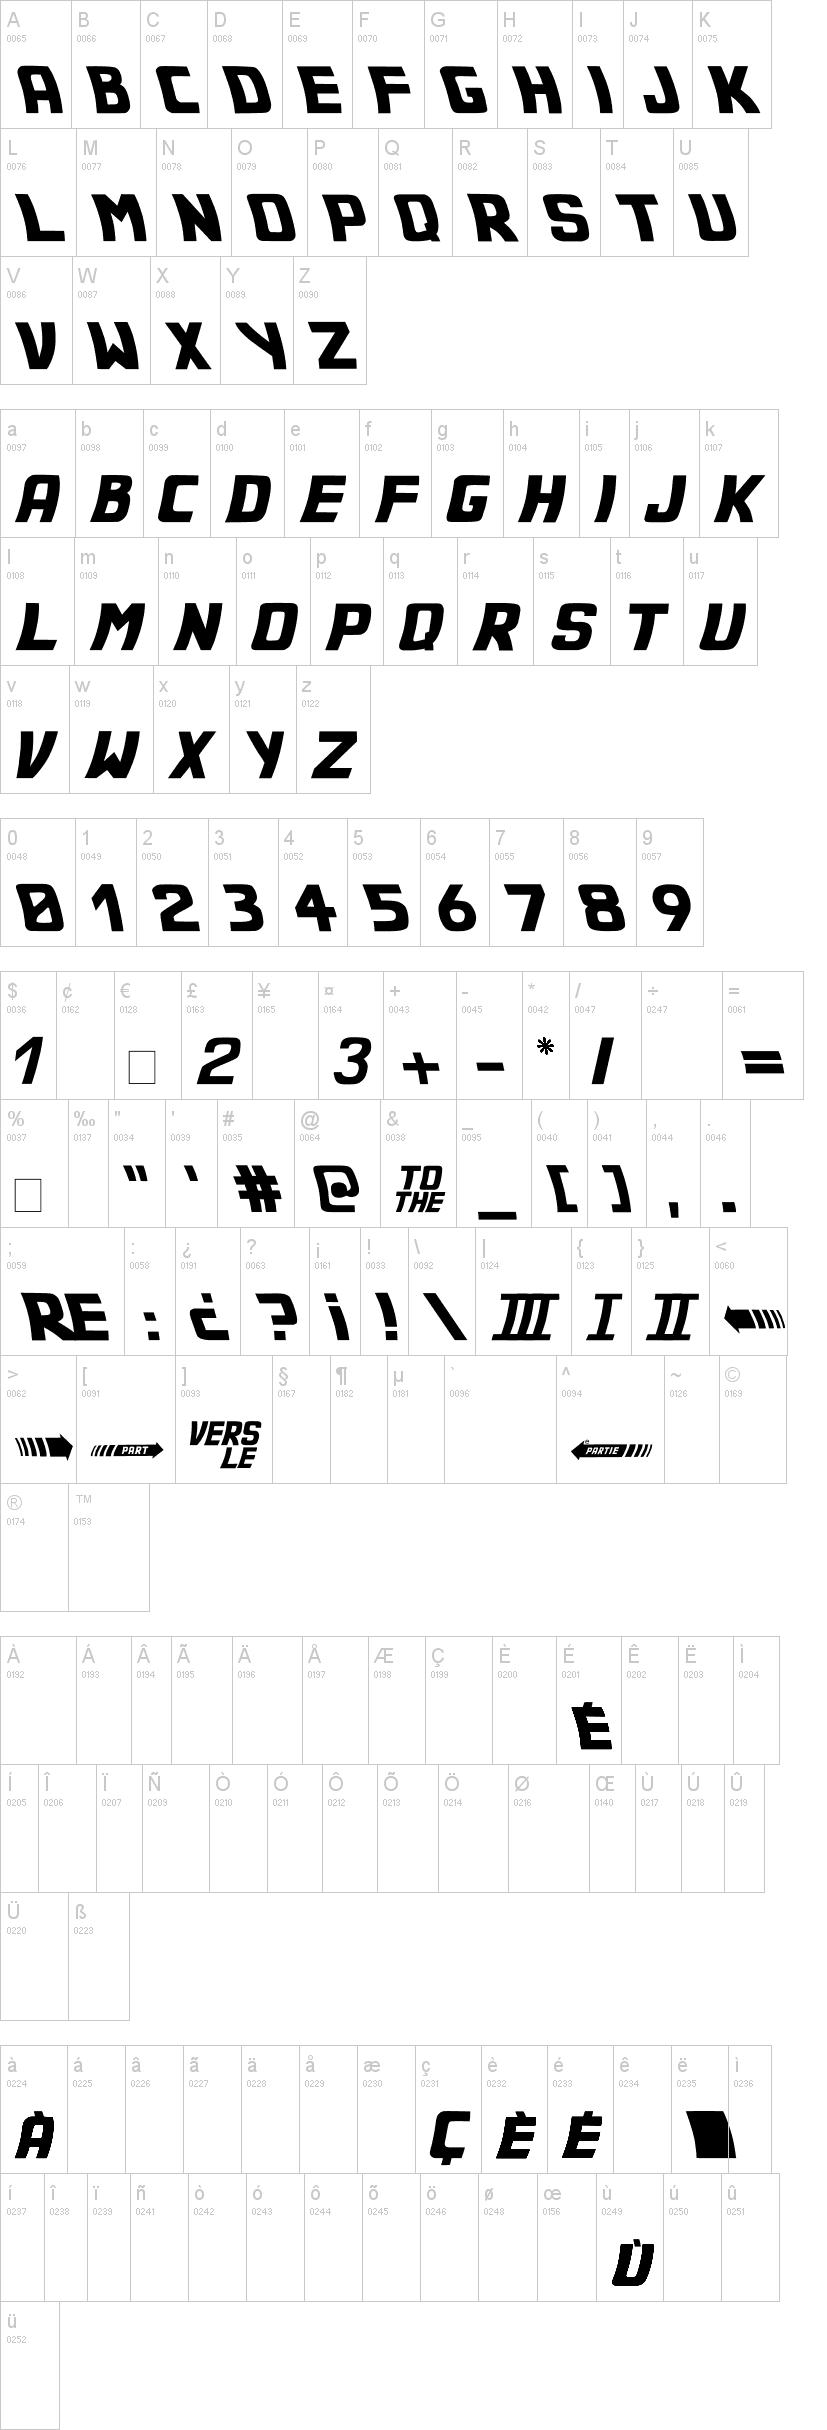 Schrift generator ascii Z̾̽ảlg̀͐ͭ̽oͧG̀e̒̃nͪȅͪͫ̏̐r͌̑á͑t͌̑͛o̊r̈̆̓̐ •